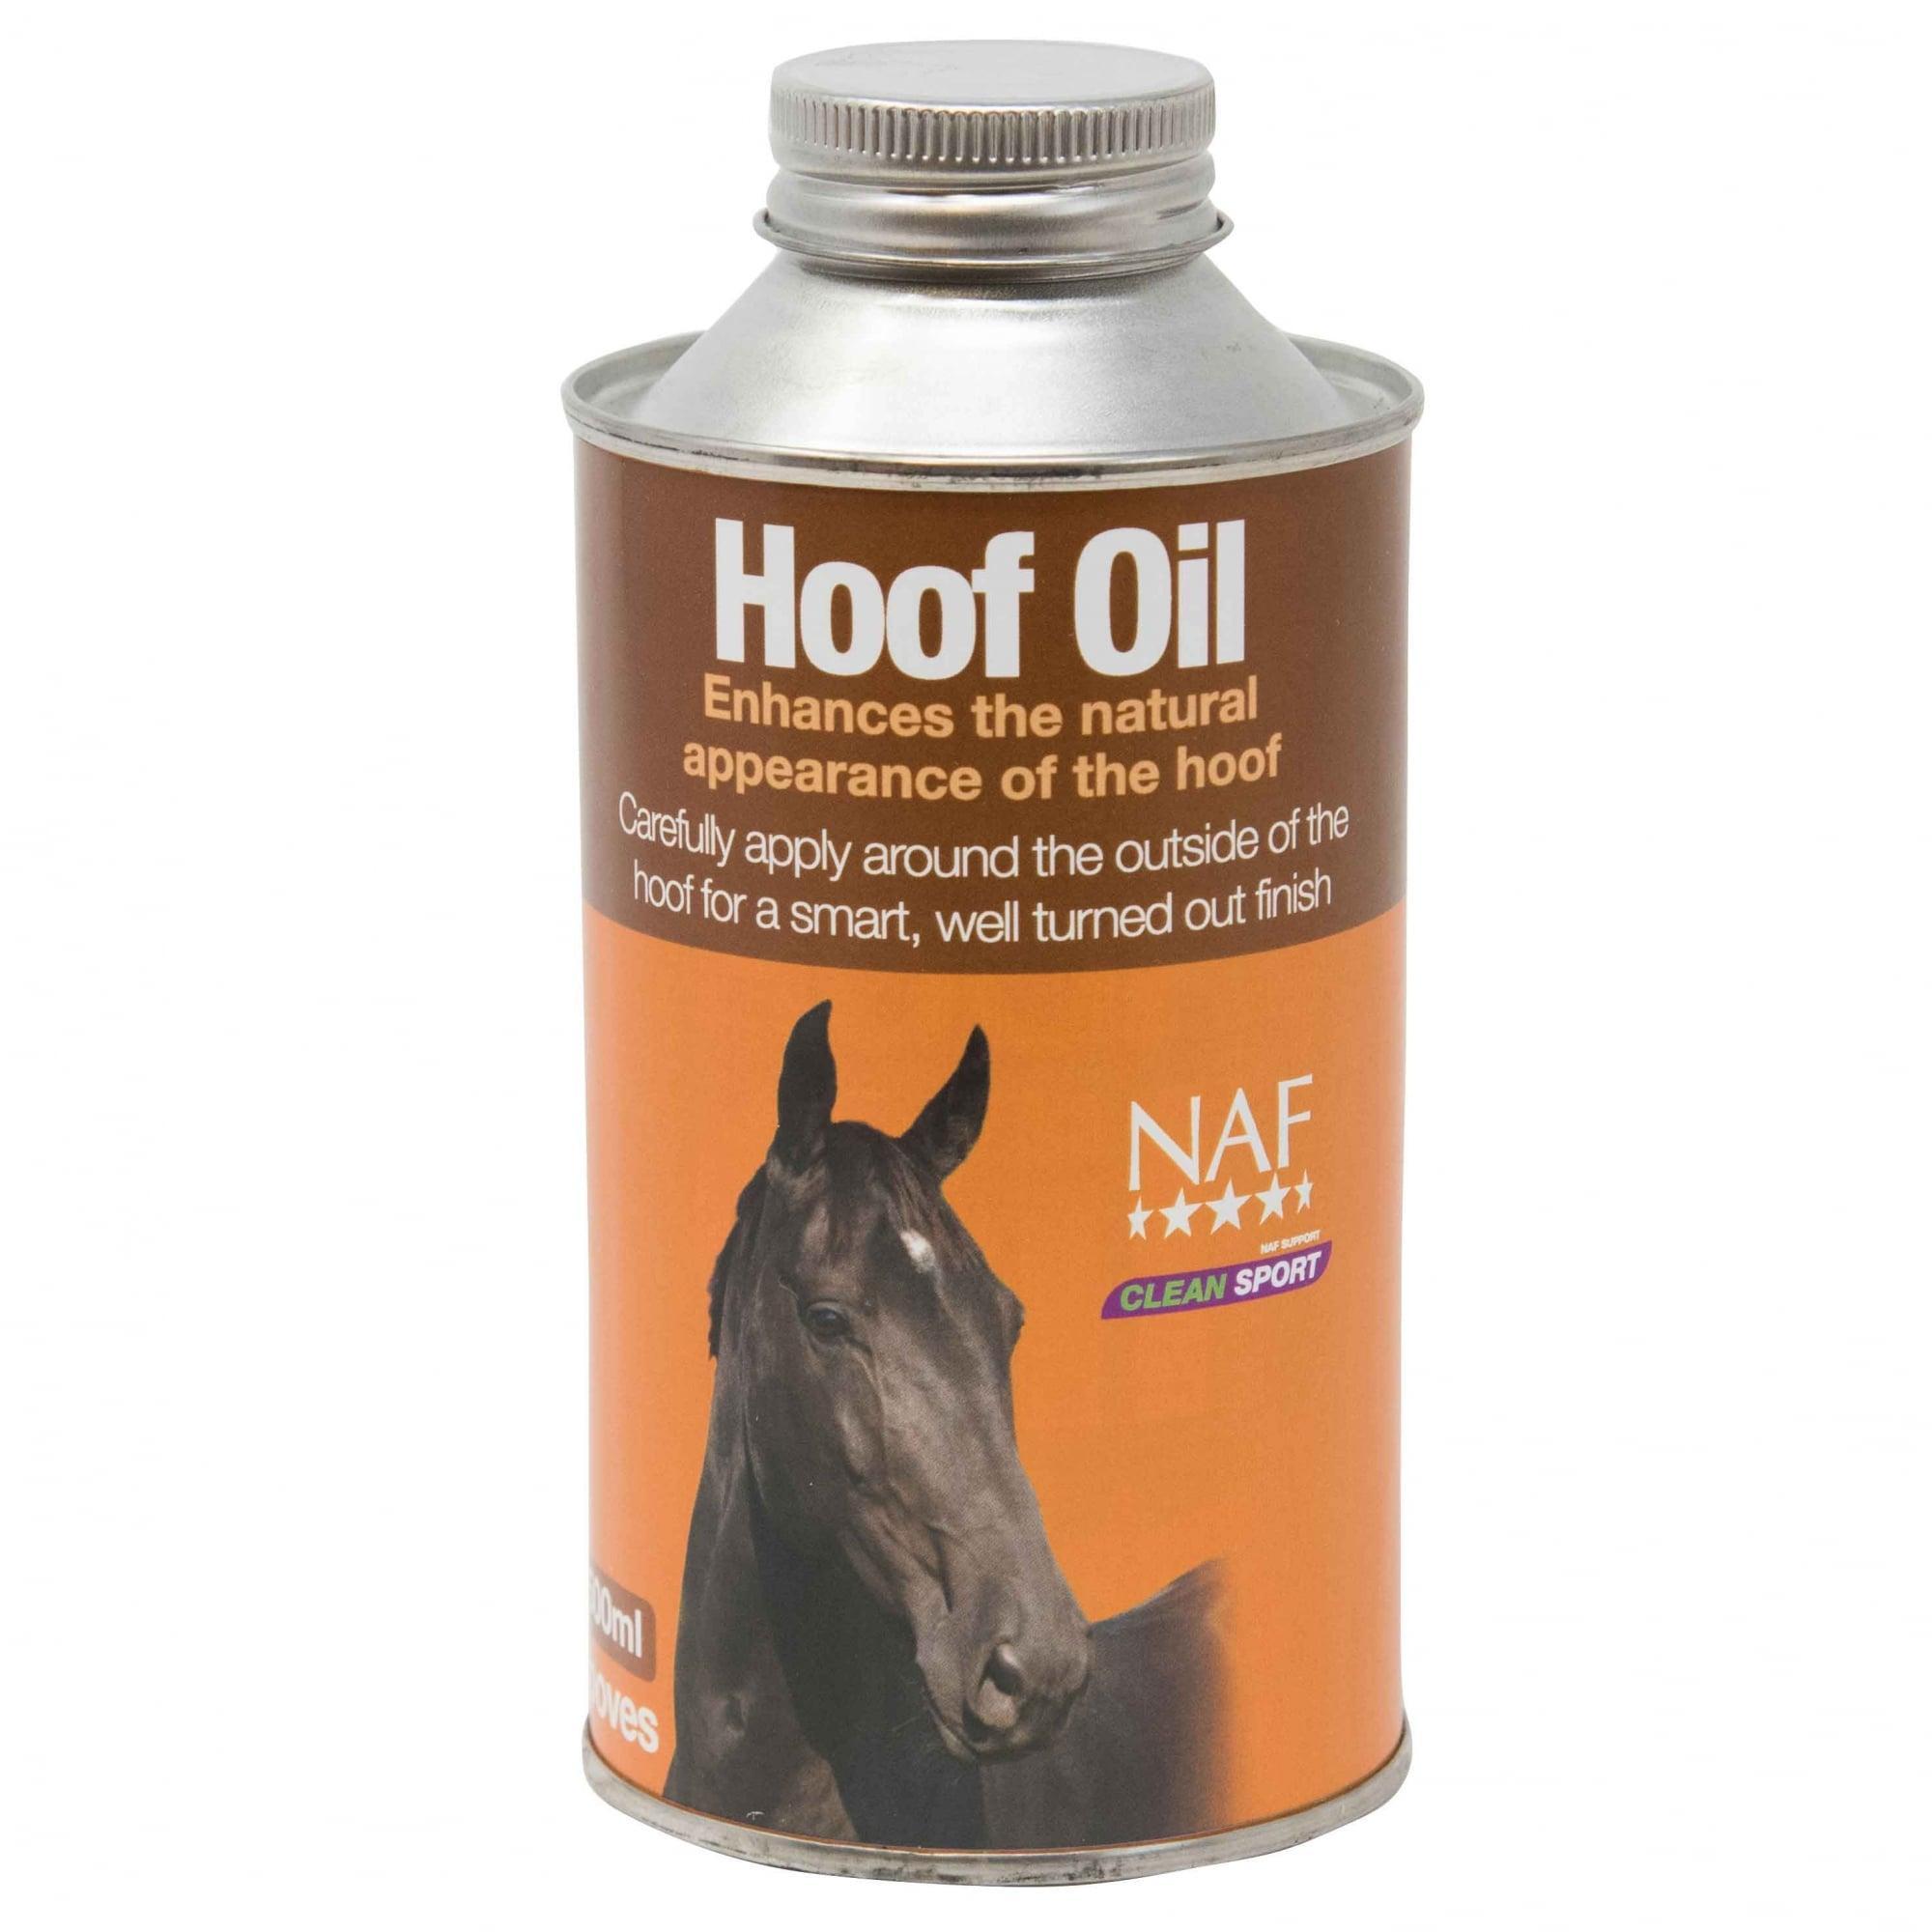 NAF Hoof Oil